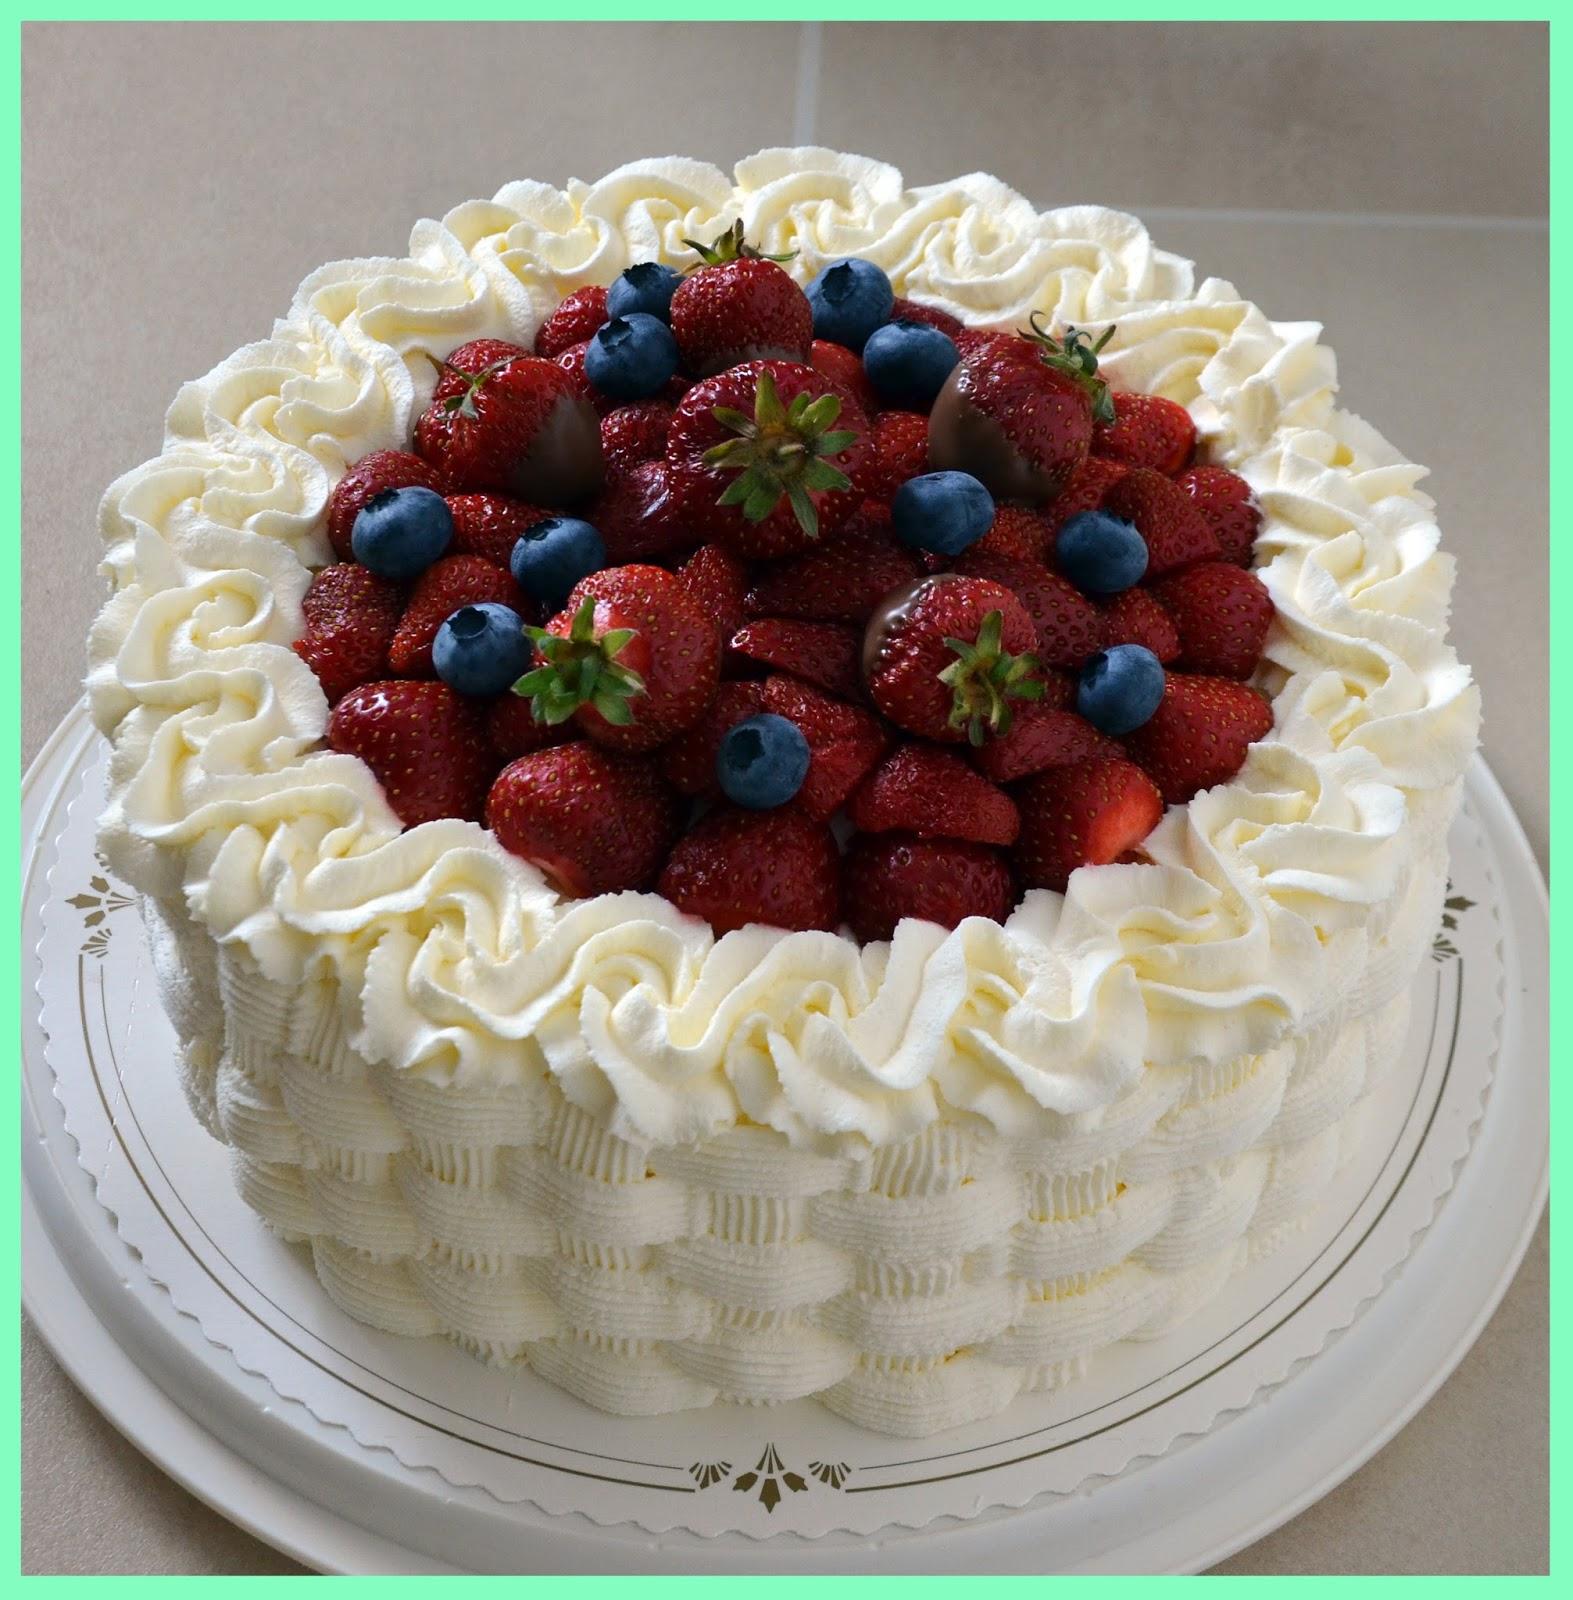 dekoration för tårta